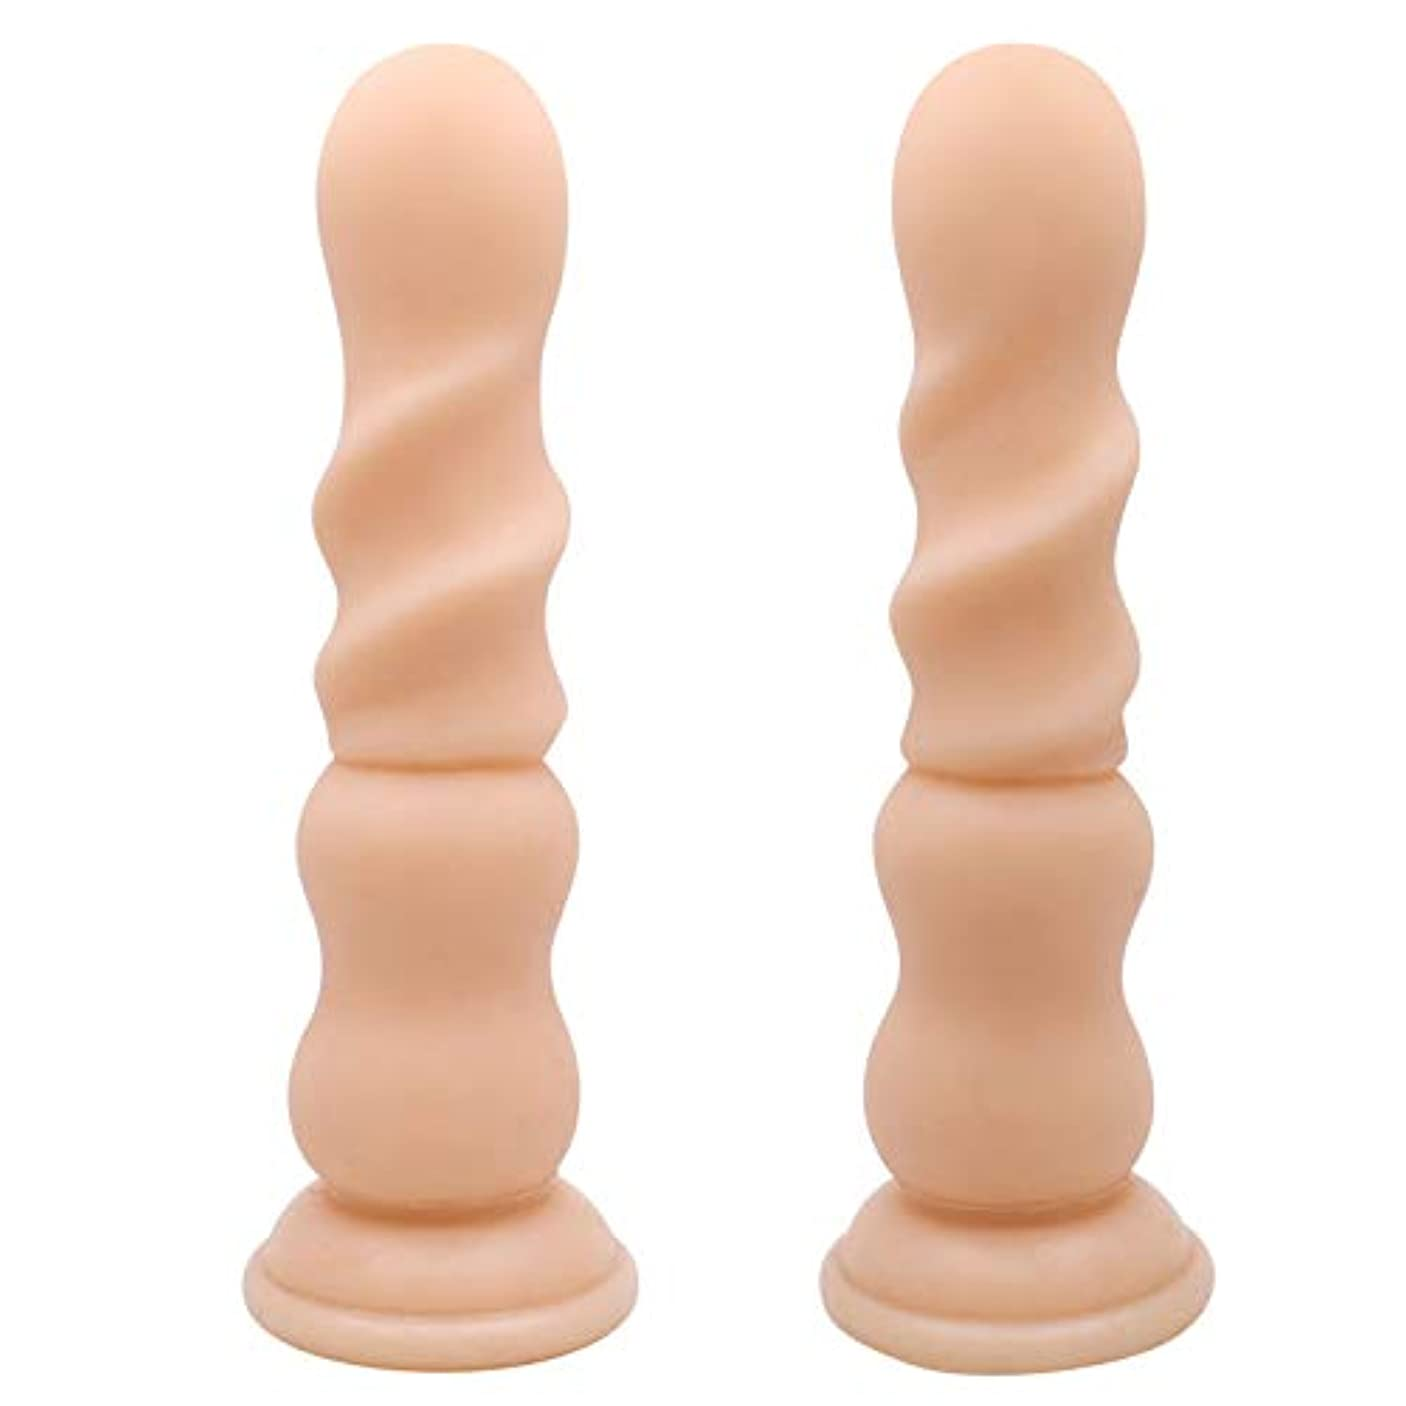 熱心な信条骨ディルド、シリコーンシミュレーションペニススレッドアナルプラグ女性オナニーマッサージャー防水大人の大人のおもちゃ21センチ